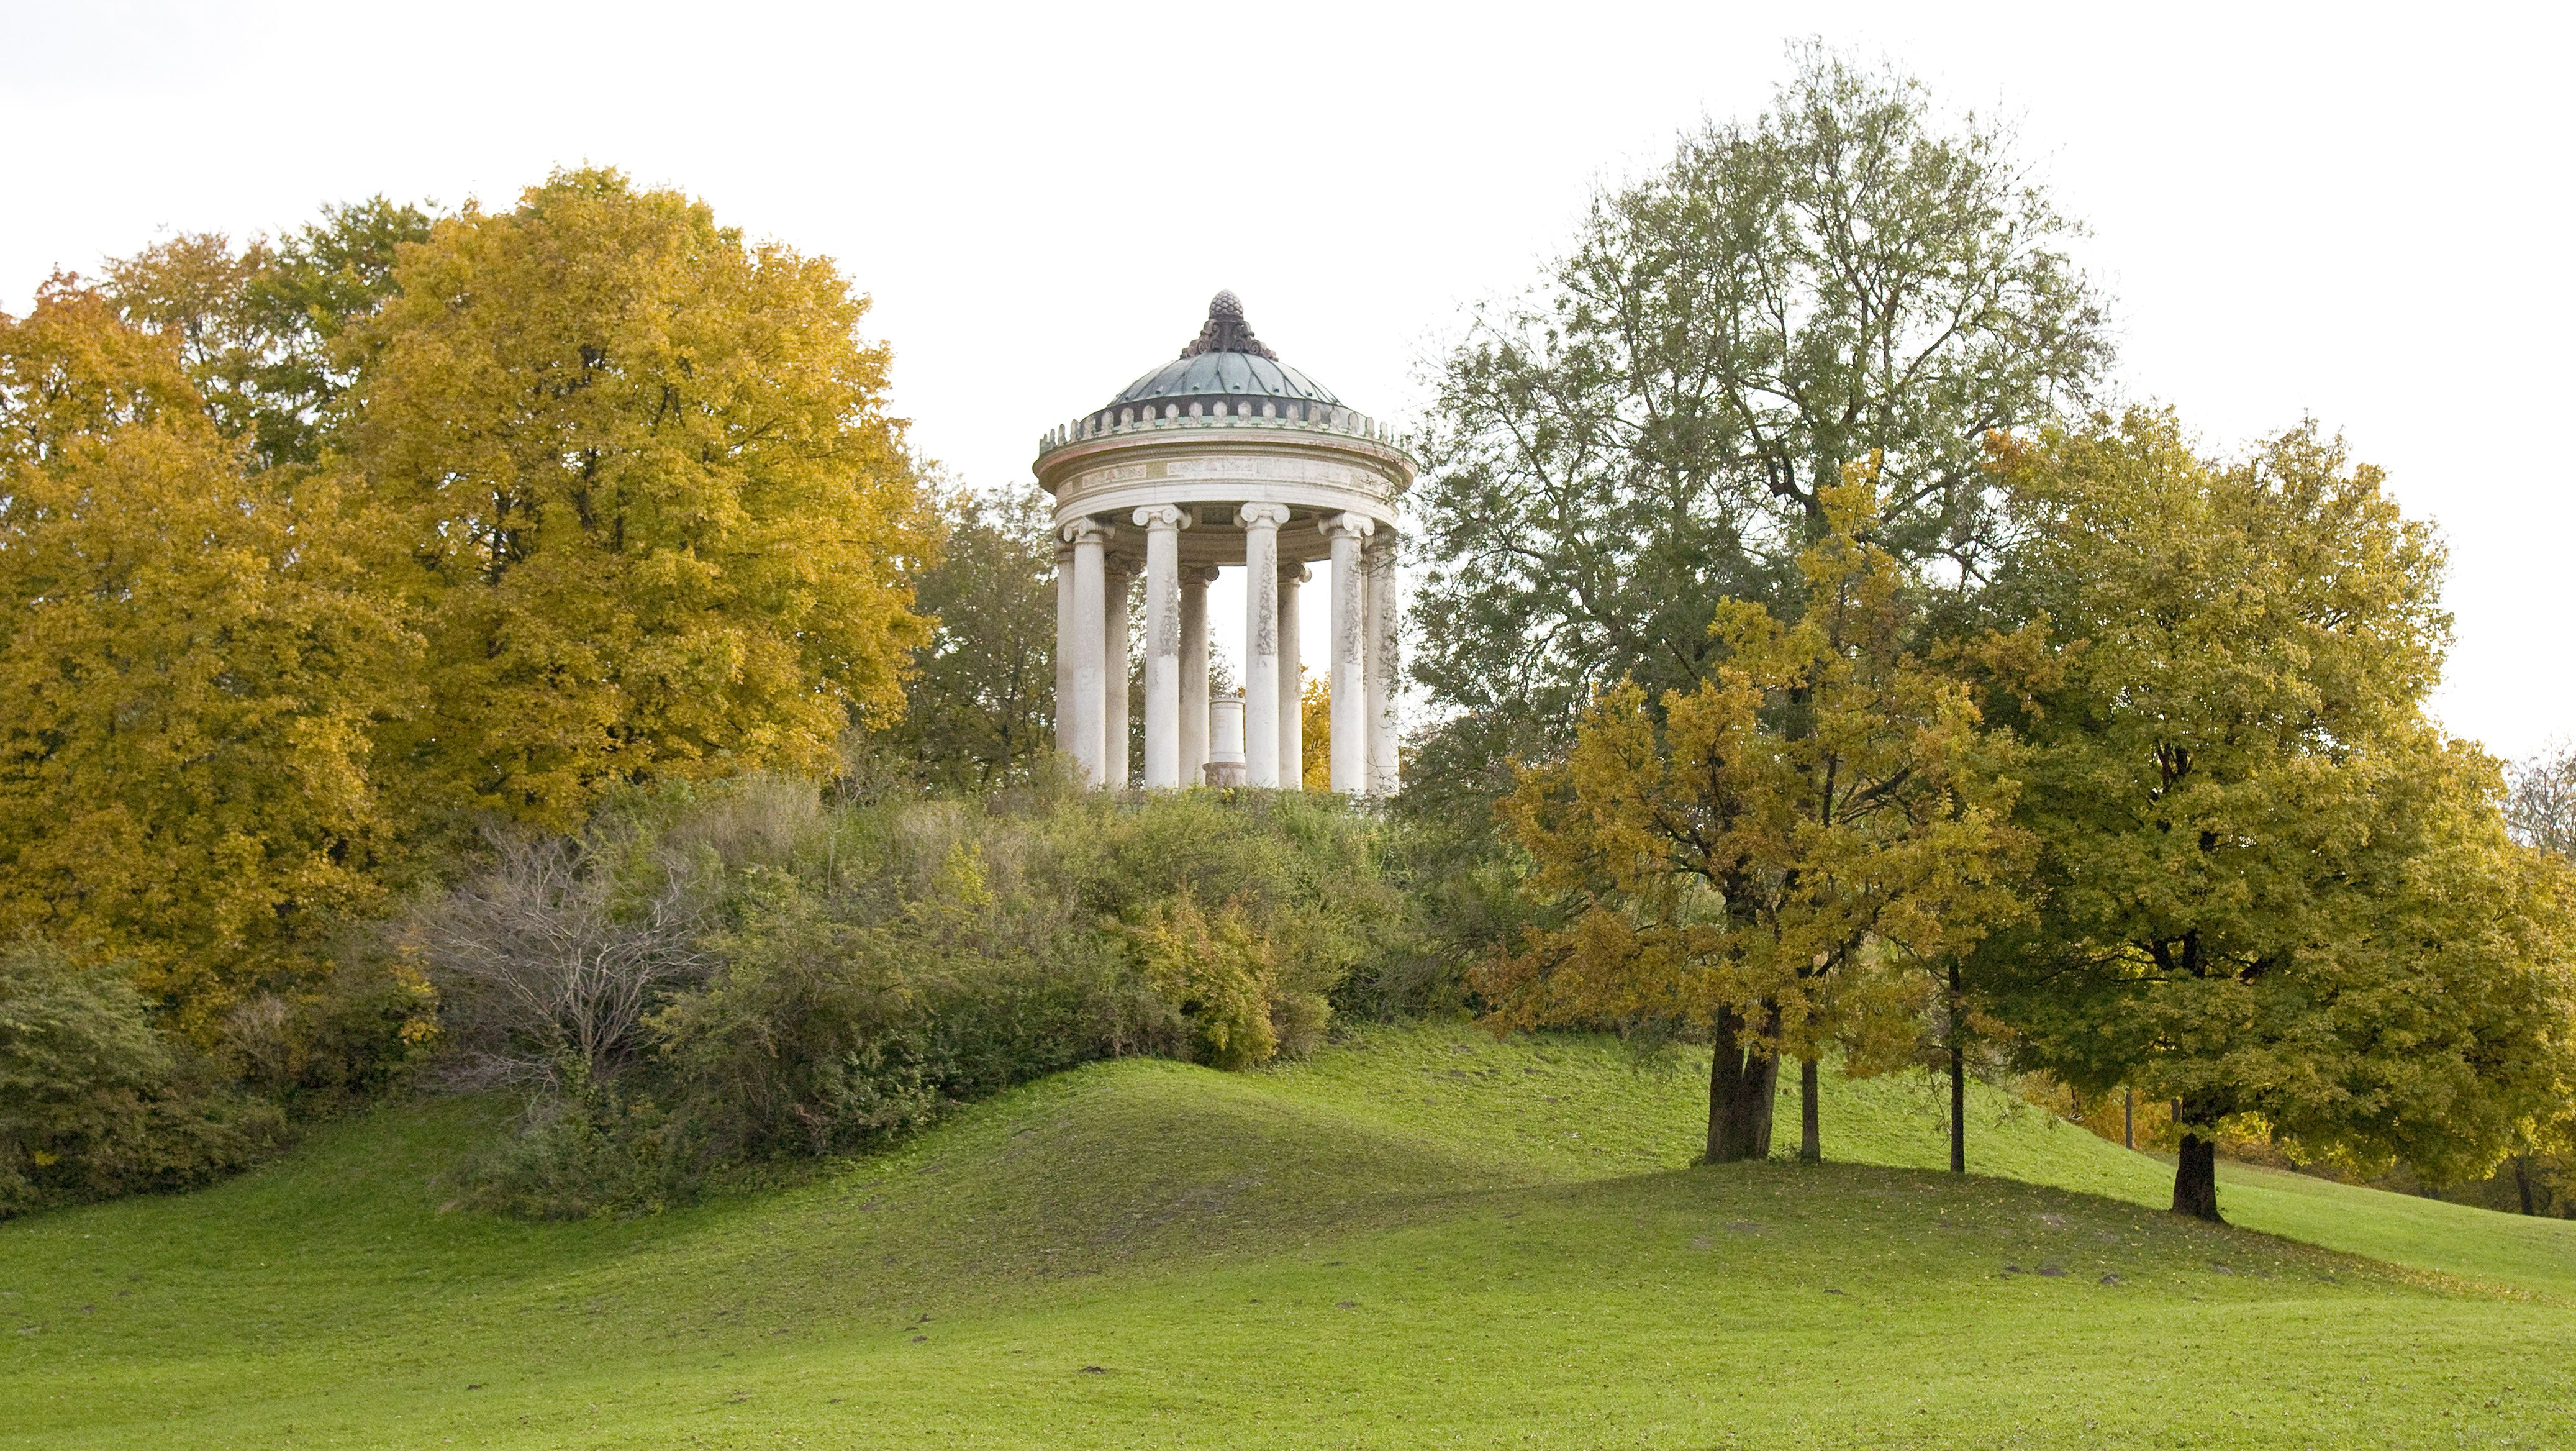 Monopteros (kleiner Tempel auf einem Hügel) im Englischen Garten zwischen Herbstbäumen